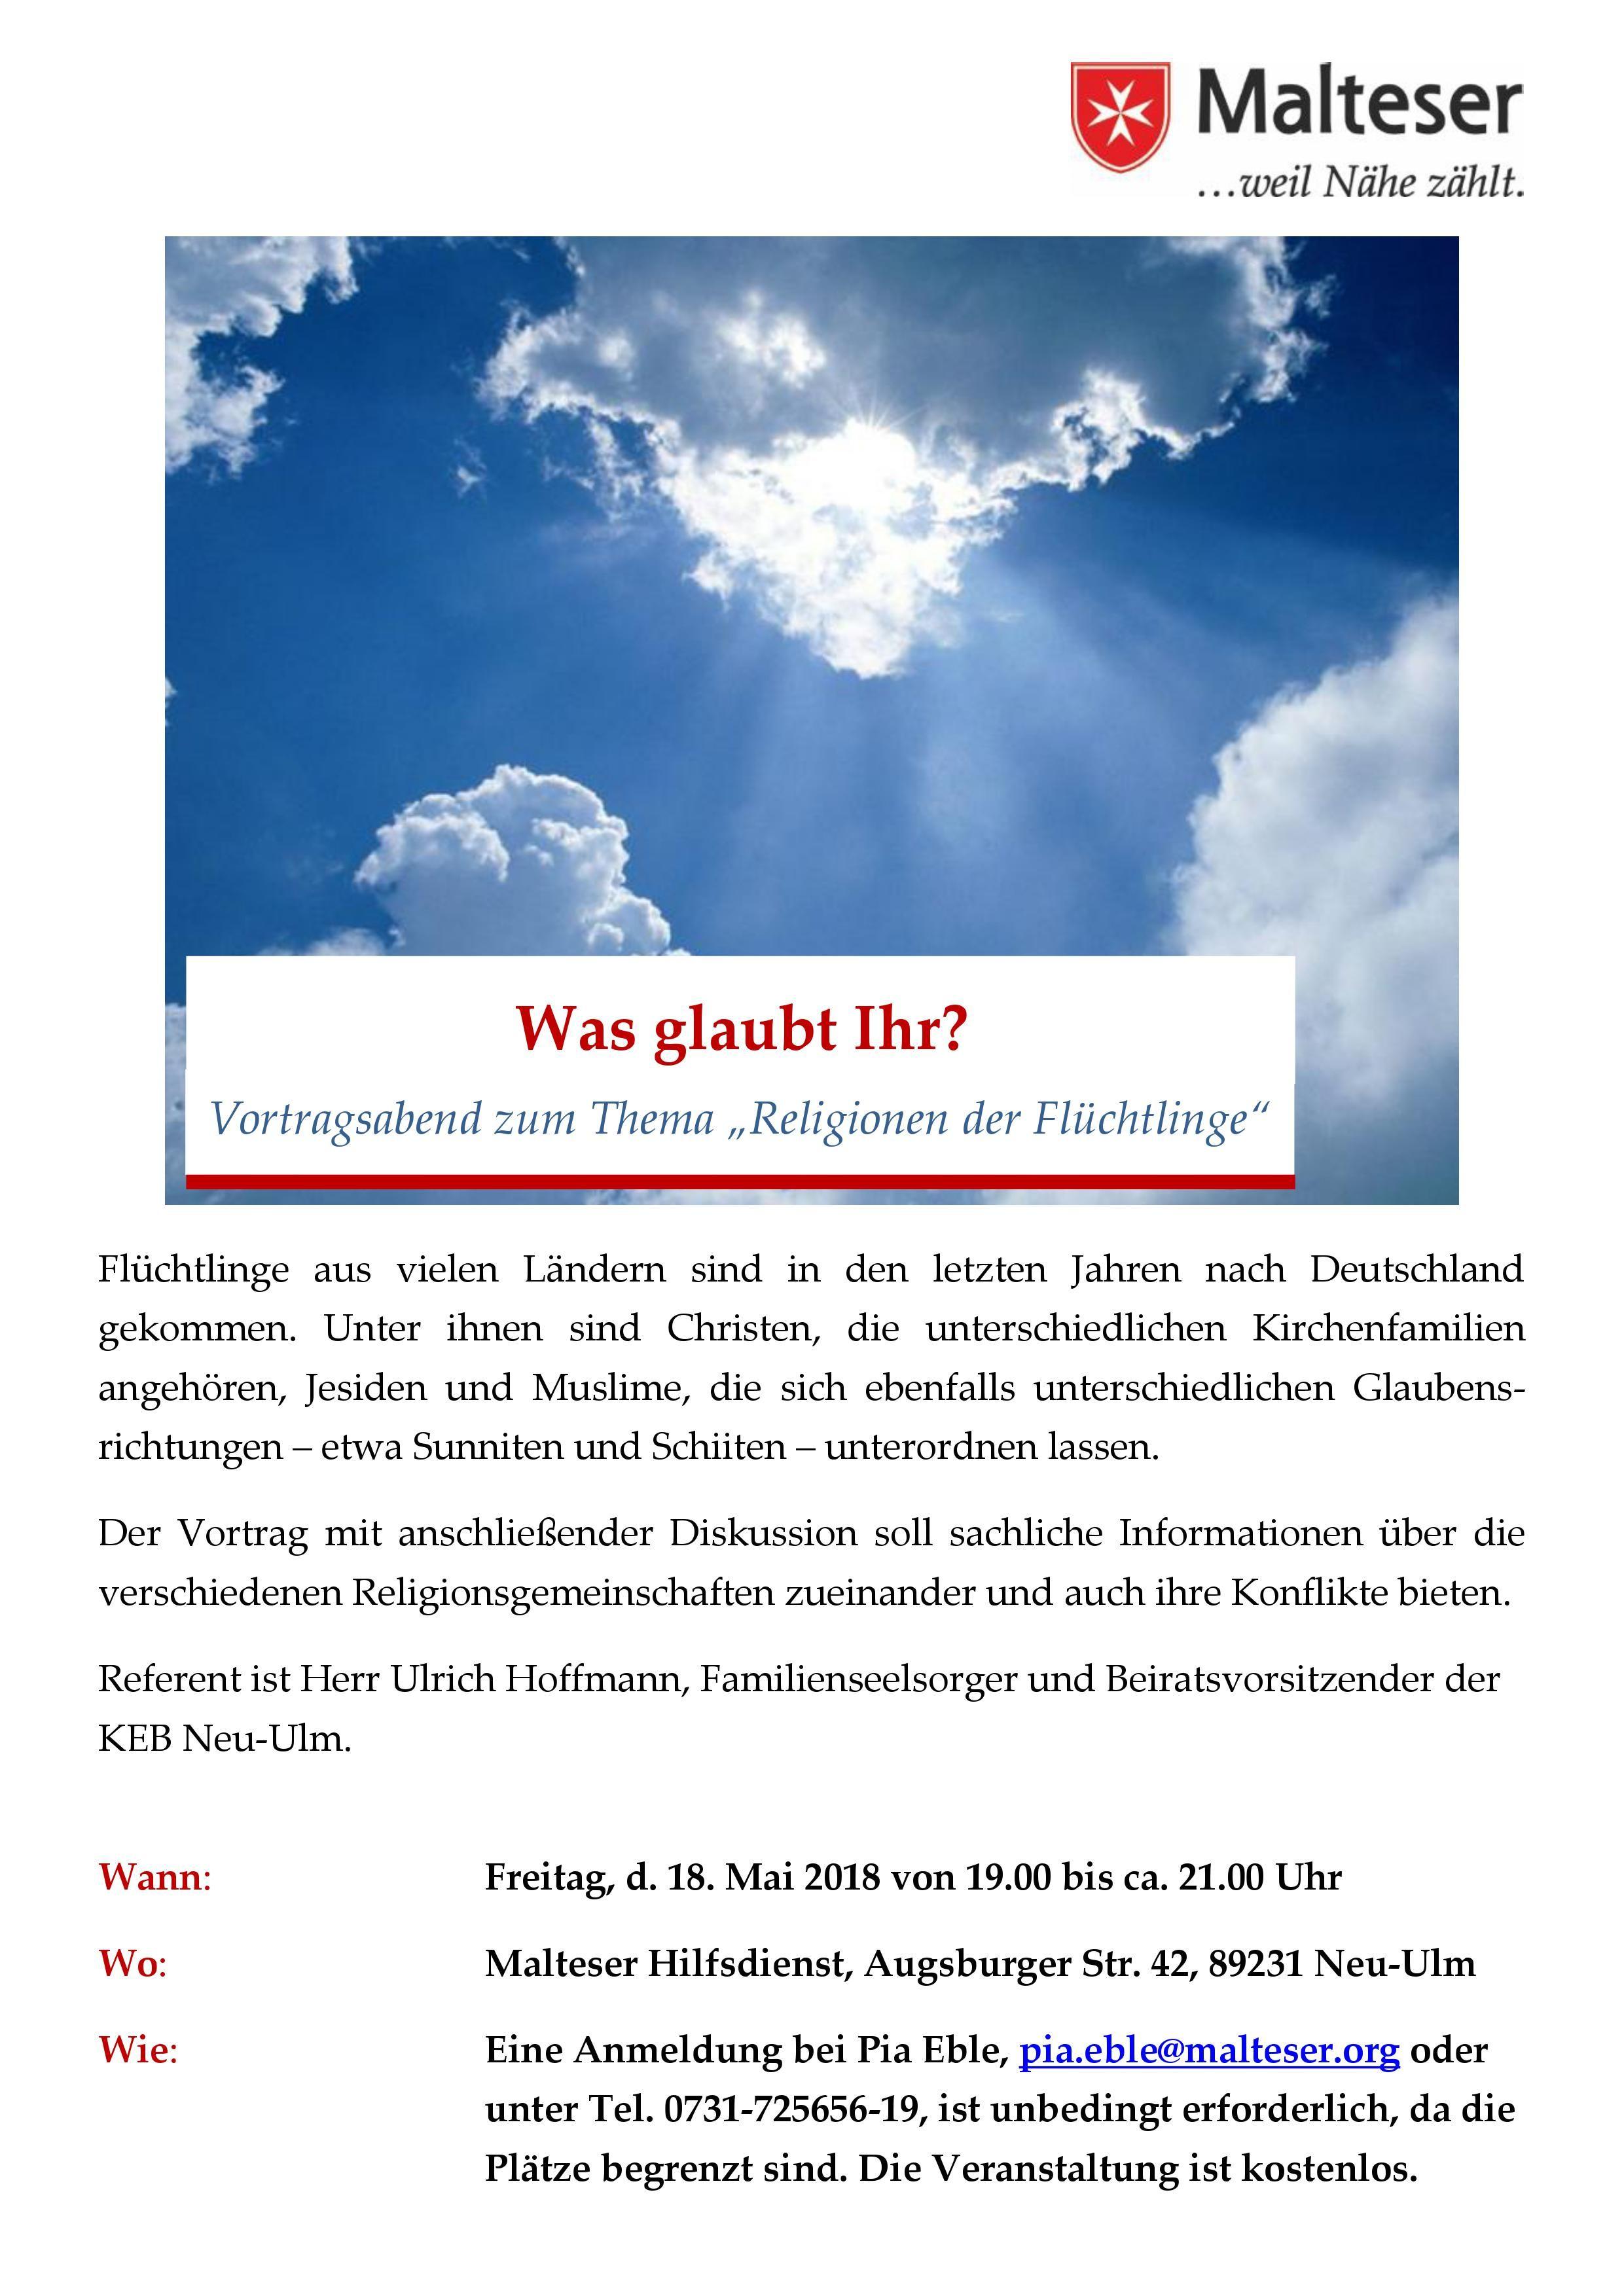 18052018_Flyer_Vortrag_Religionen.jpg